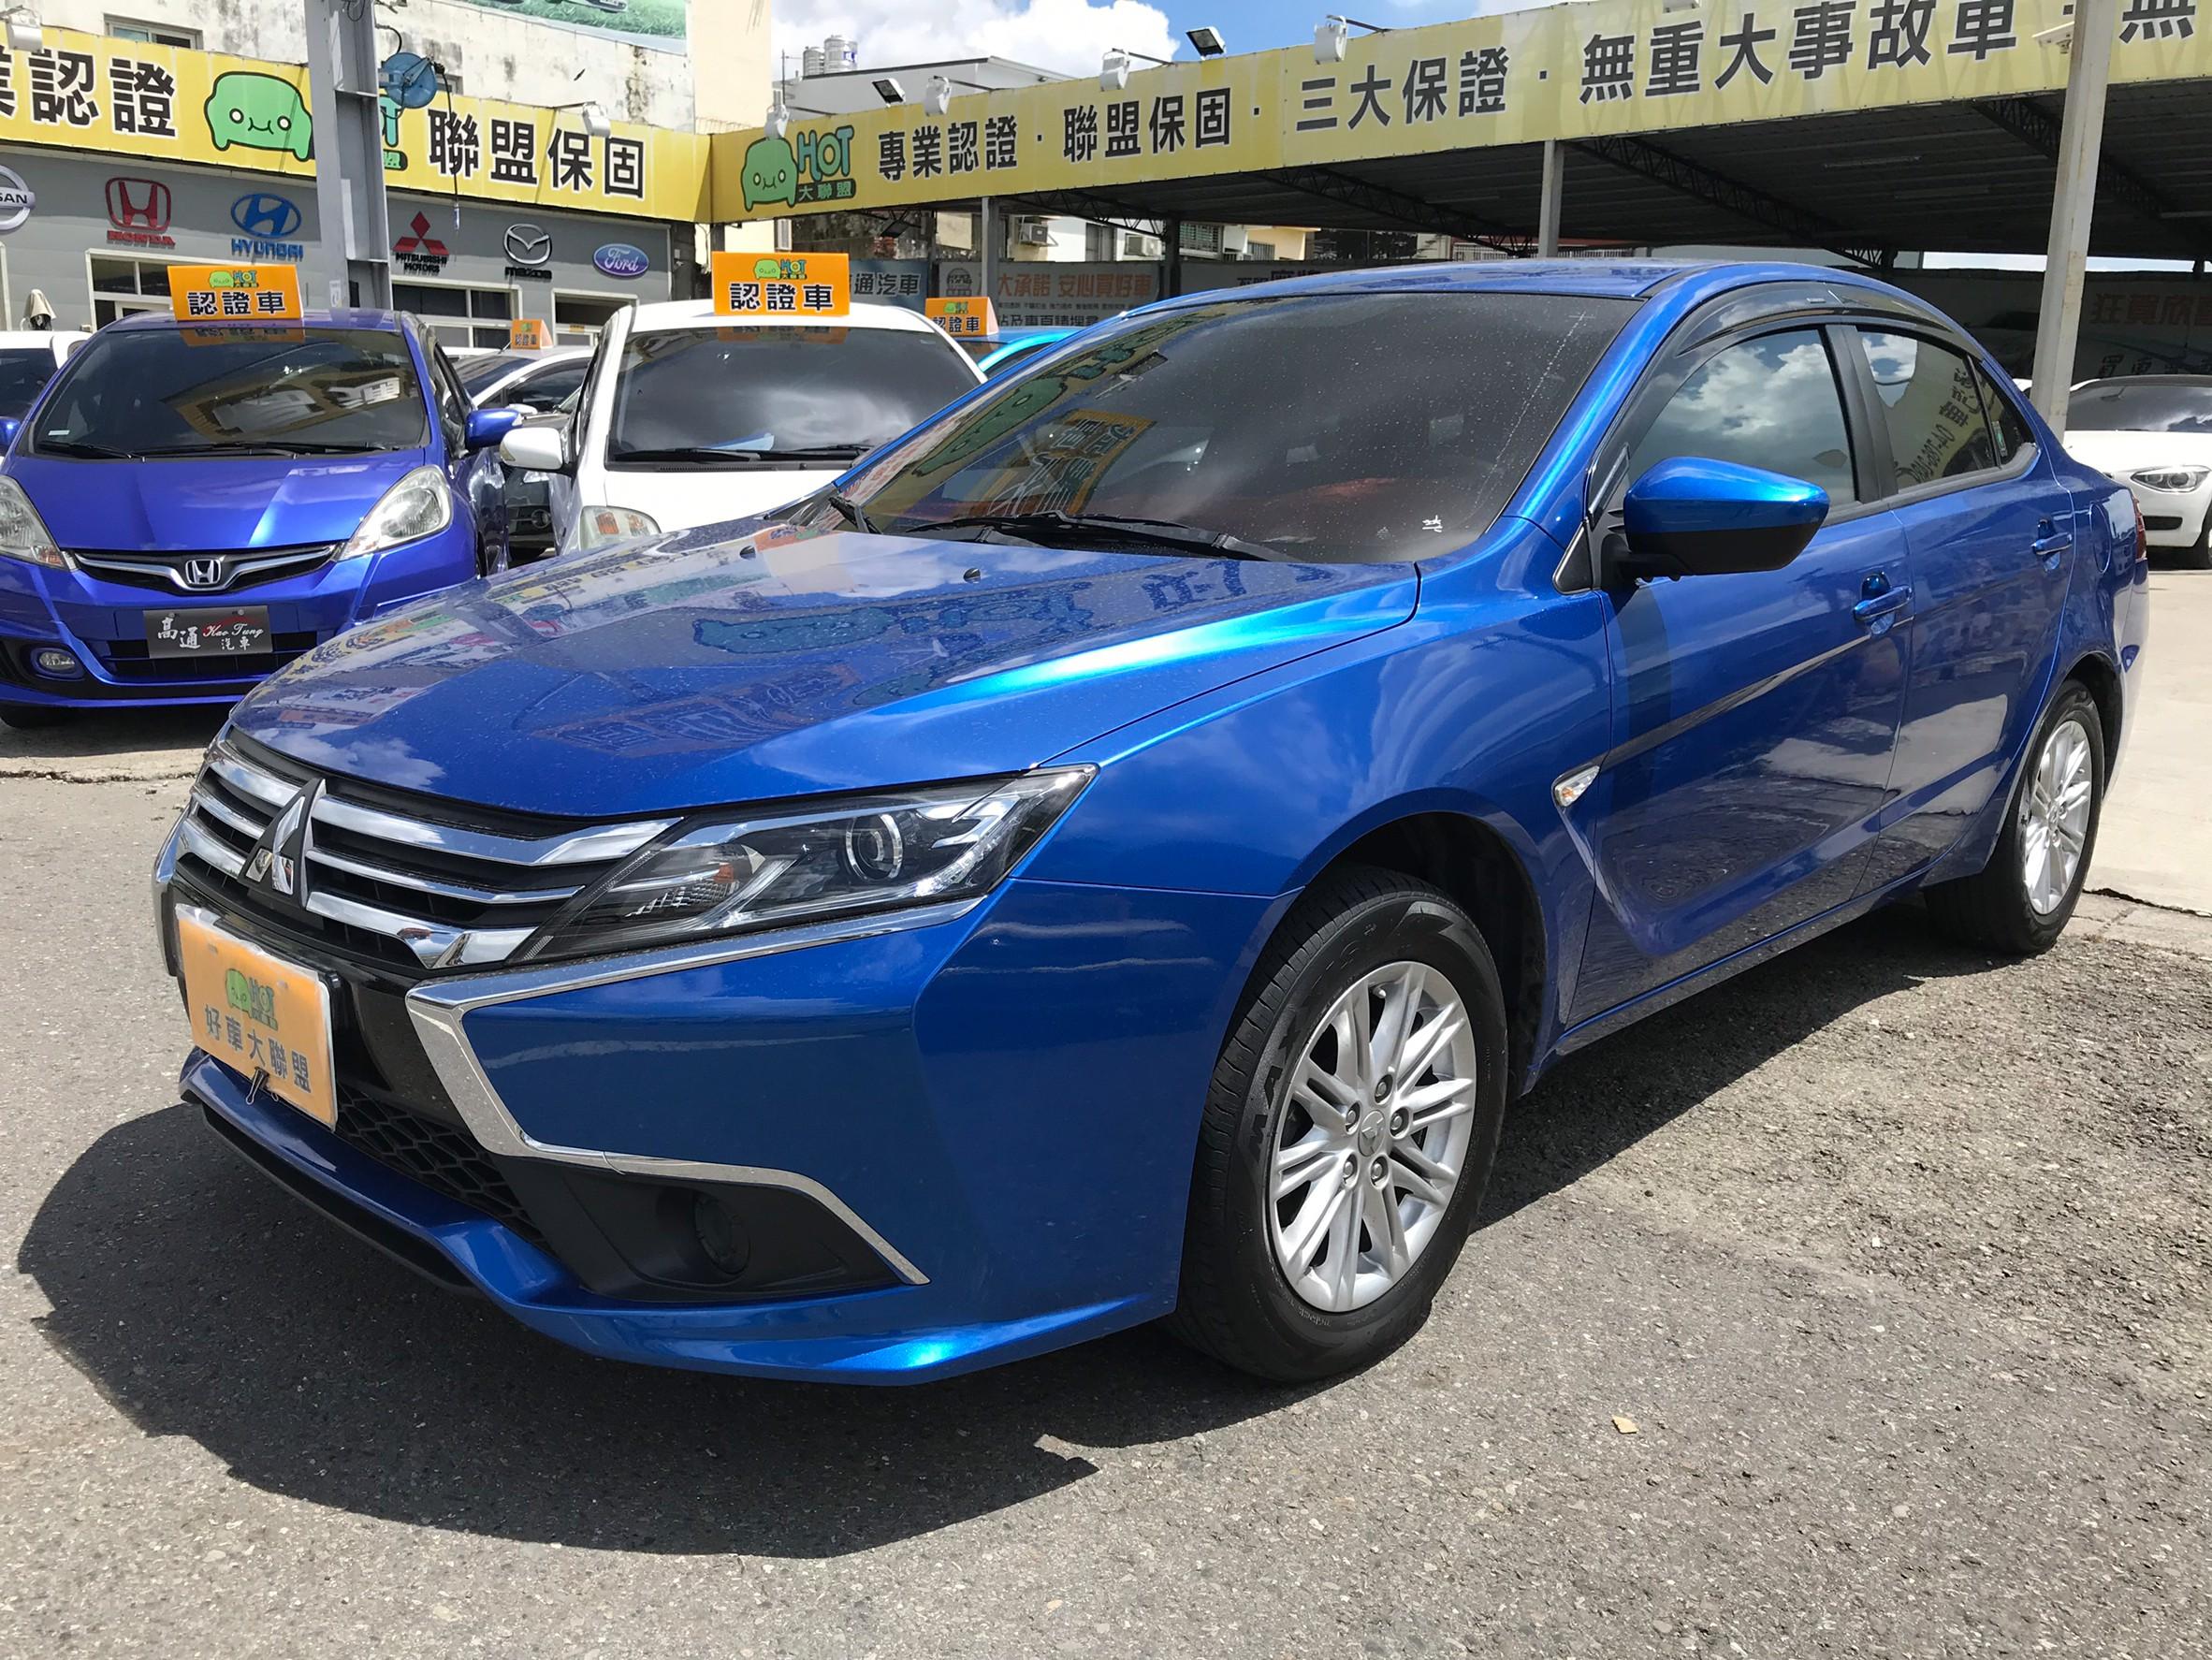 2018 Mitsubishi 三菱 Lancer fortis